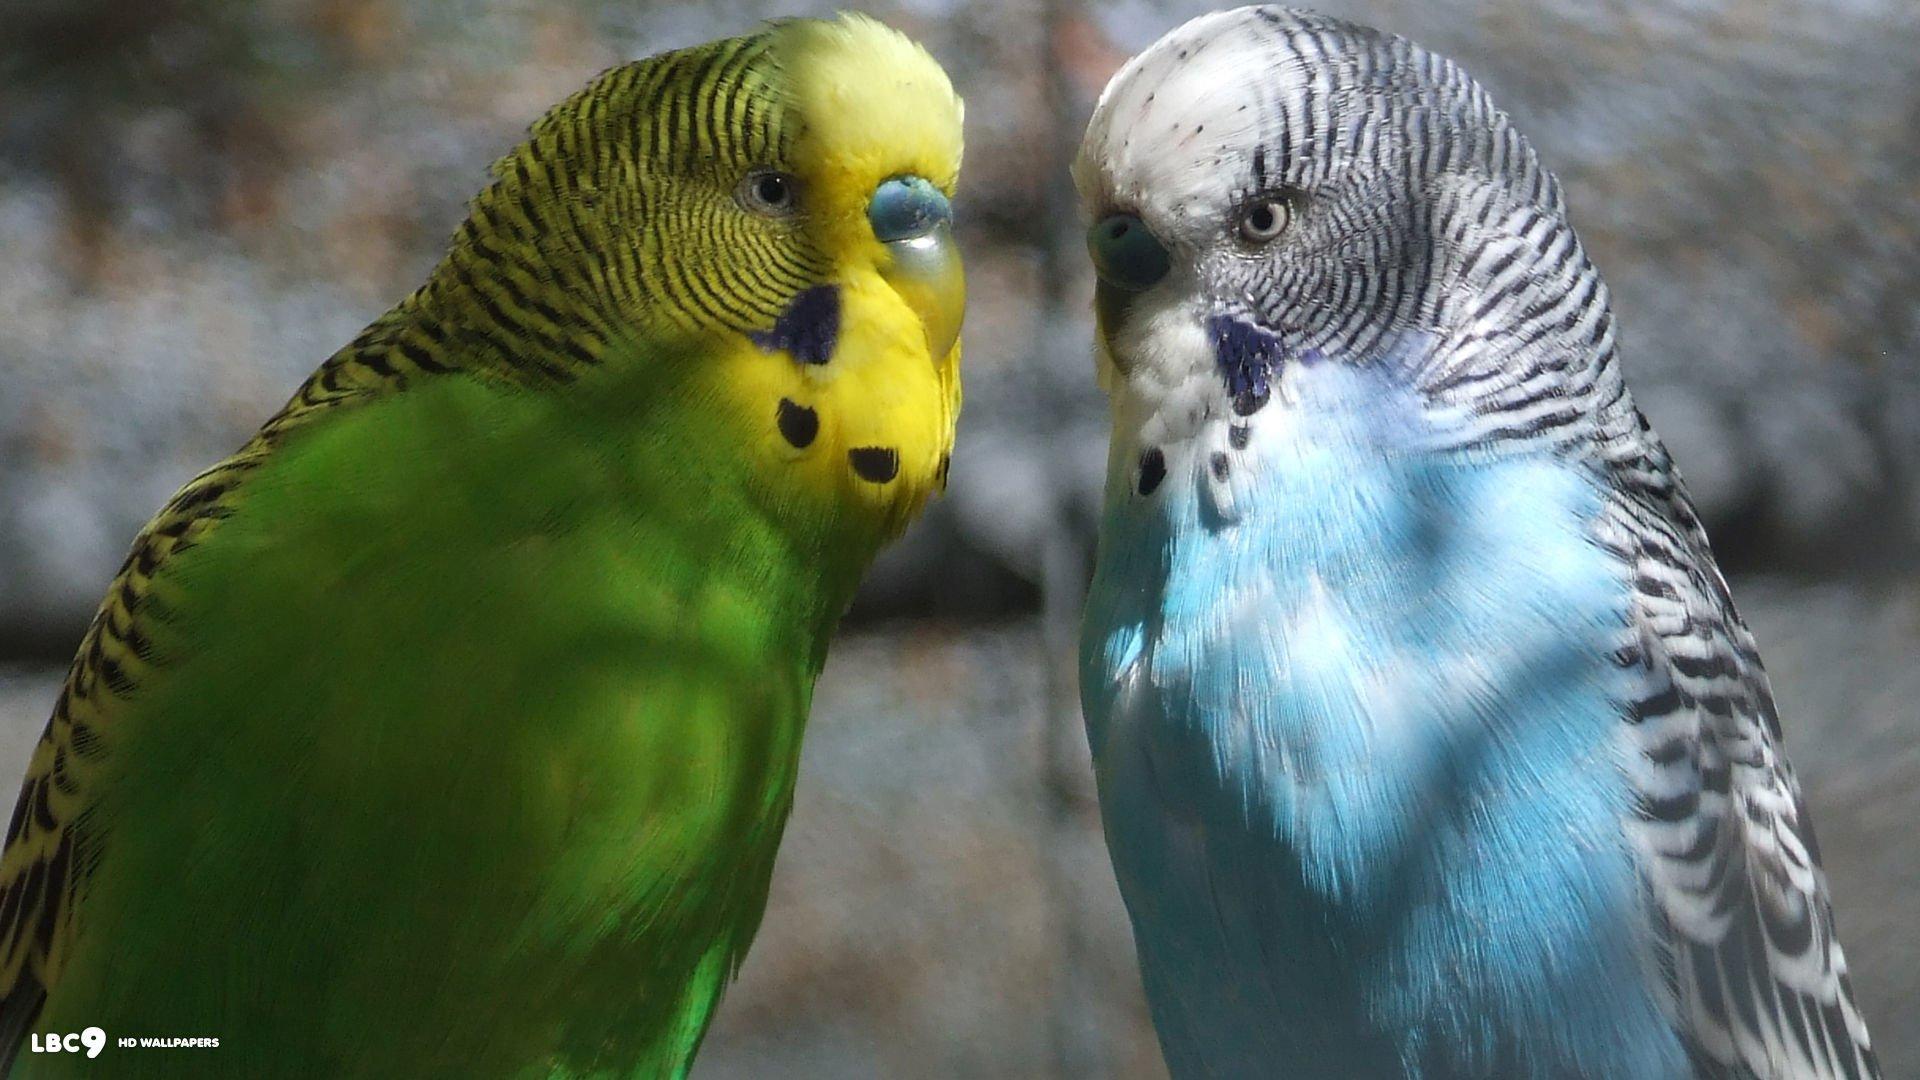 могут быть обои на рабочий стол с волнистыми попугаями его словам, необходимо